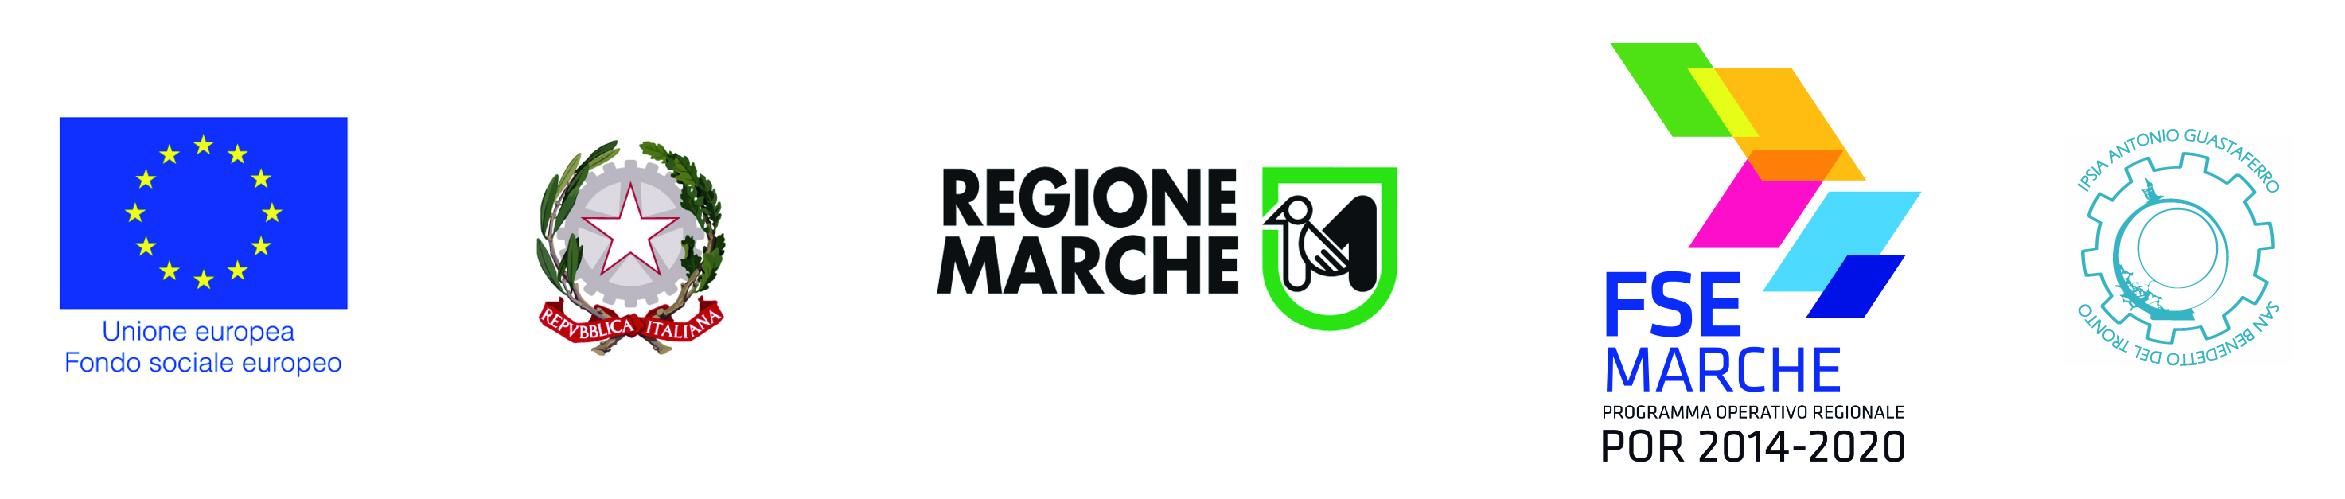 Loghi UE italia regione marche fse e ipsia guastaferro